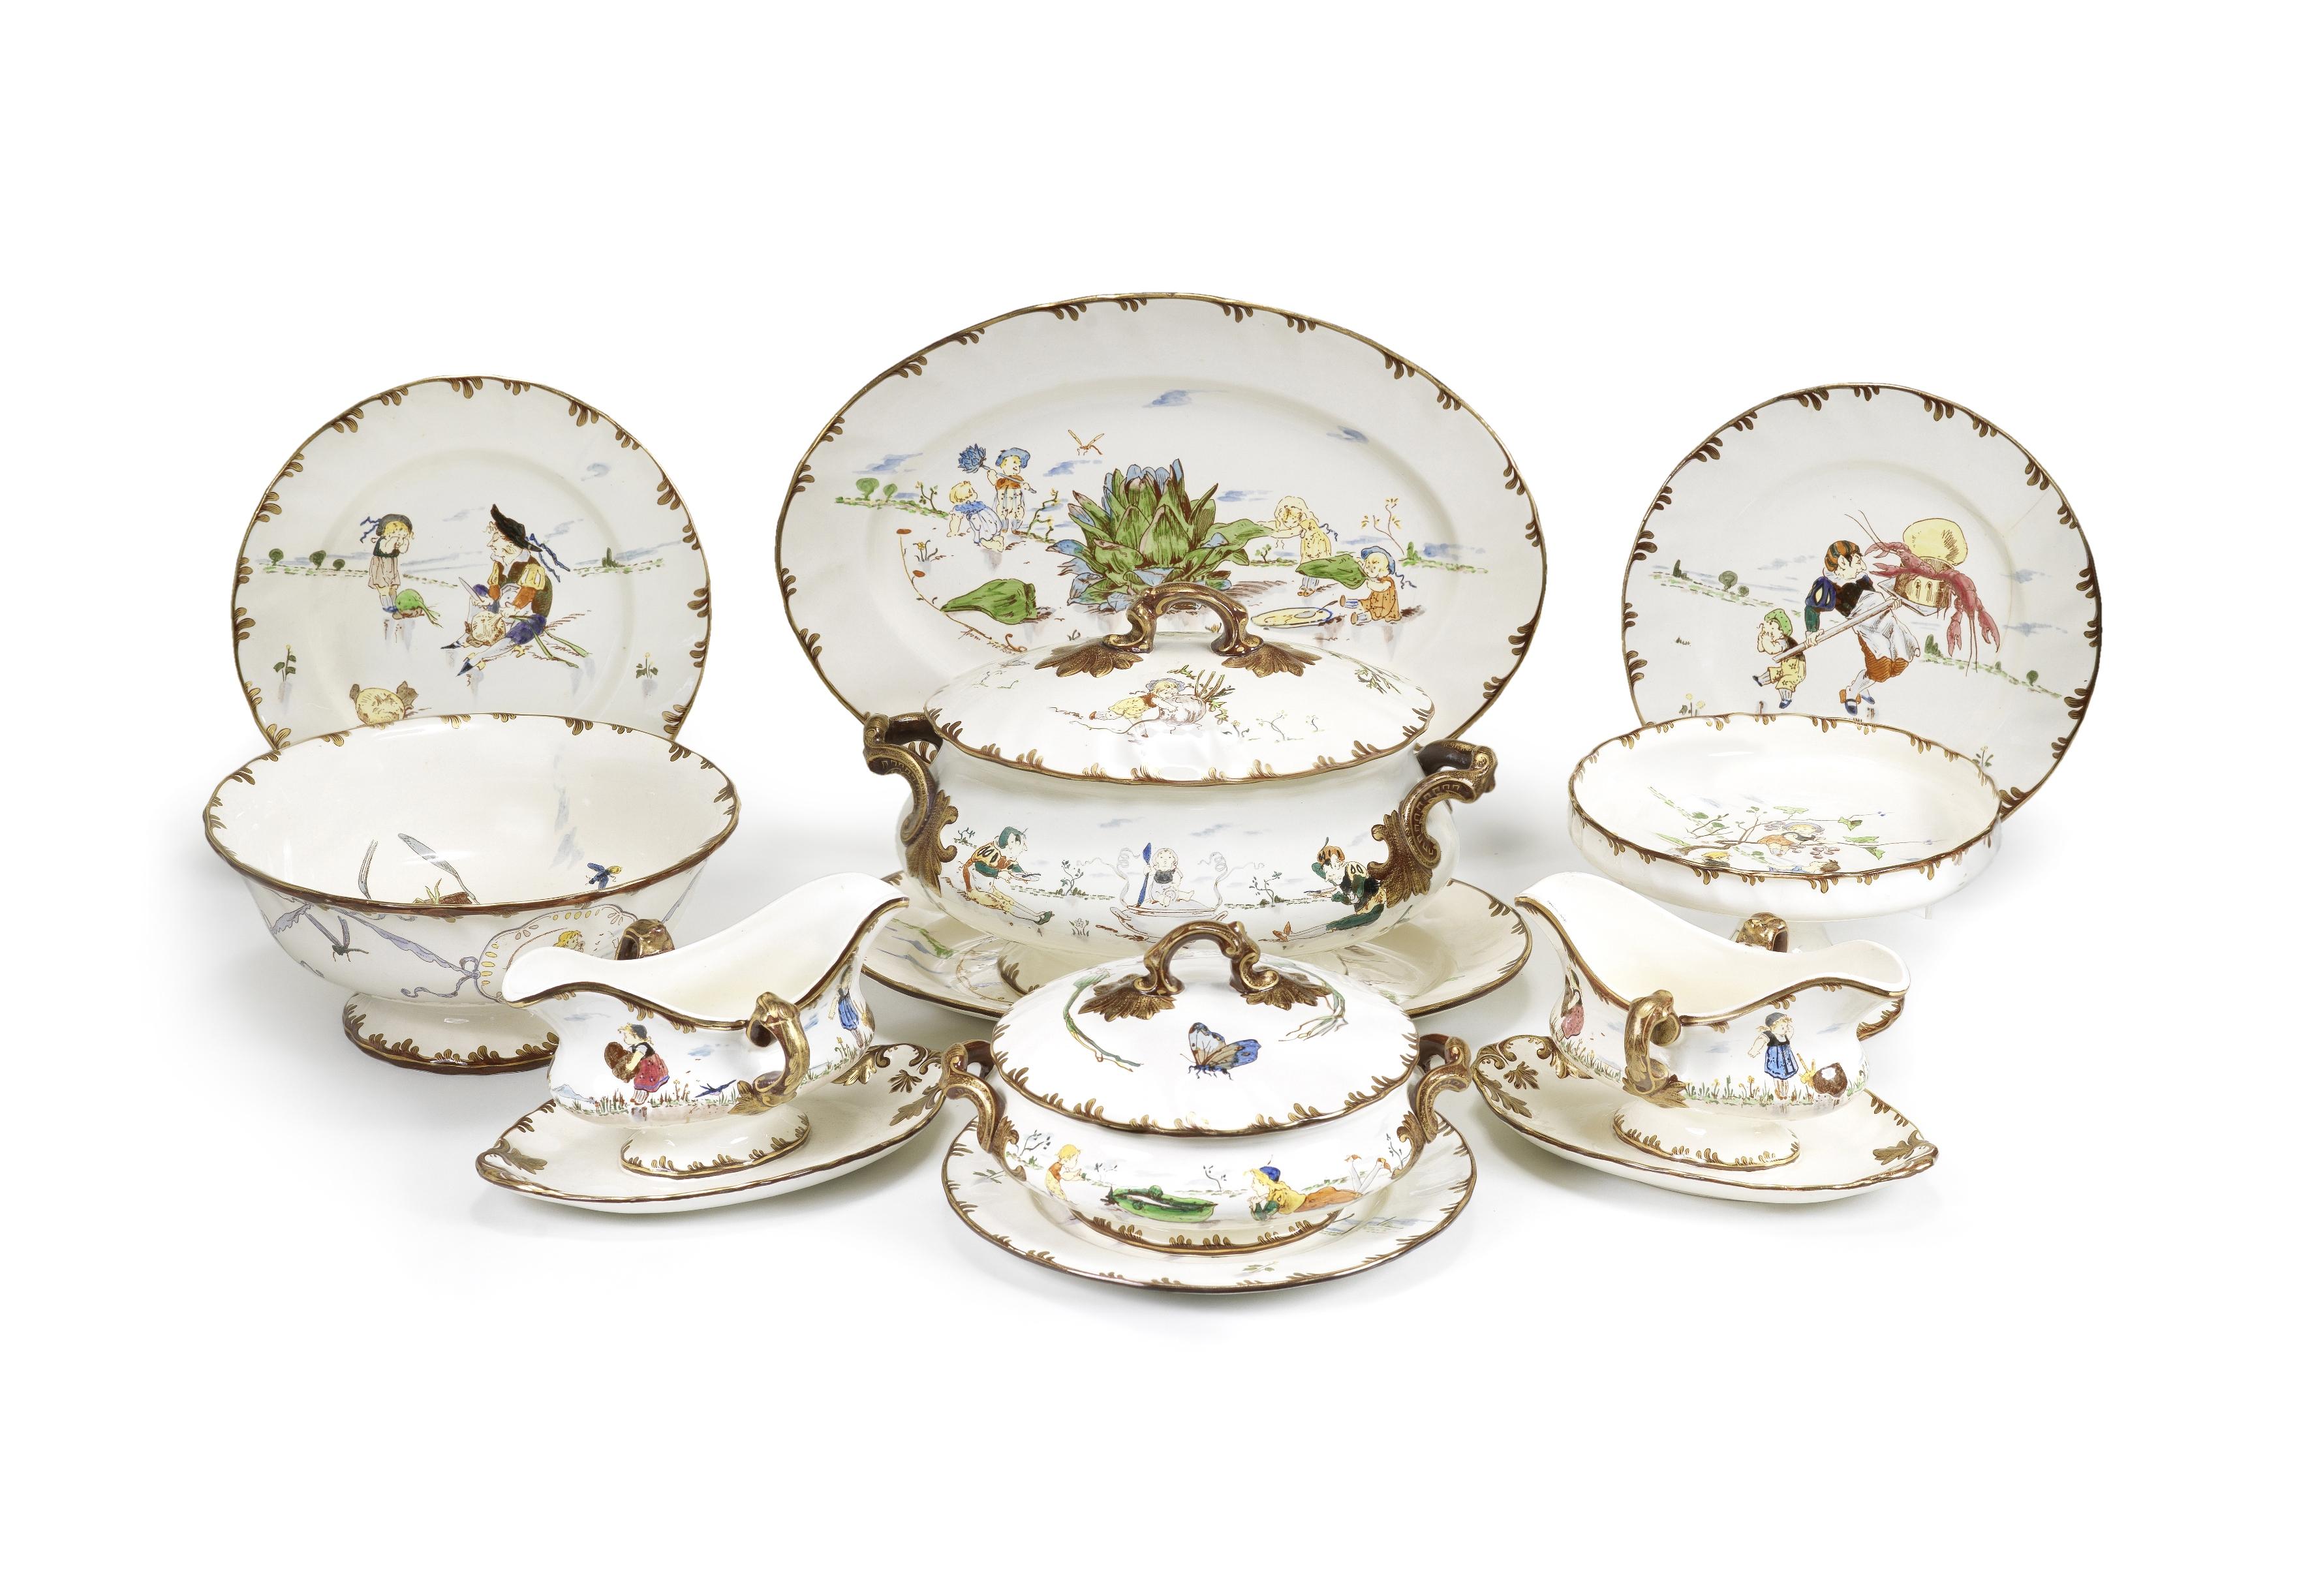 An extensive late 19th century Creil et Montereau porcelain service, décor 'Parisien' design...